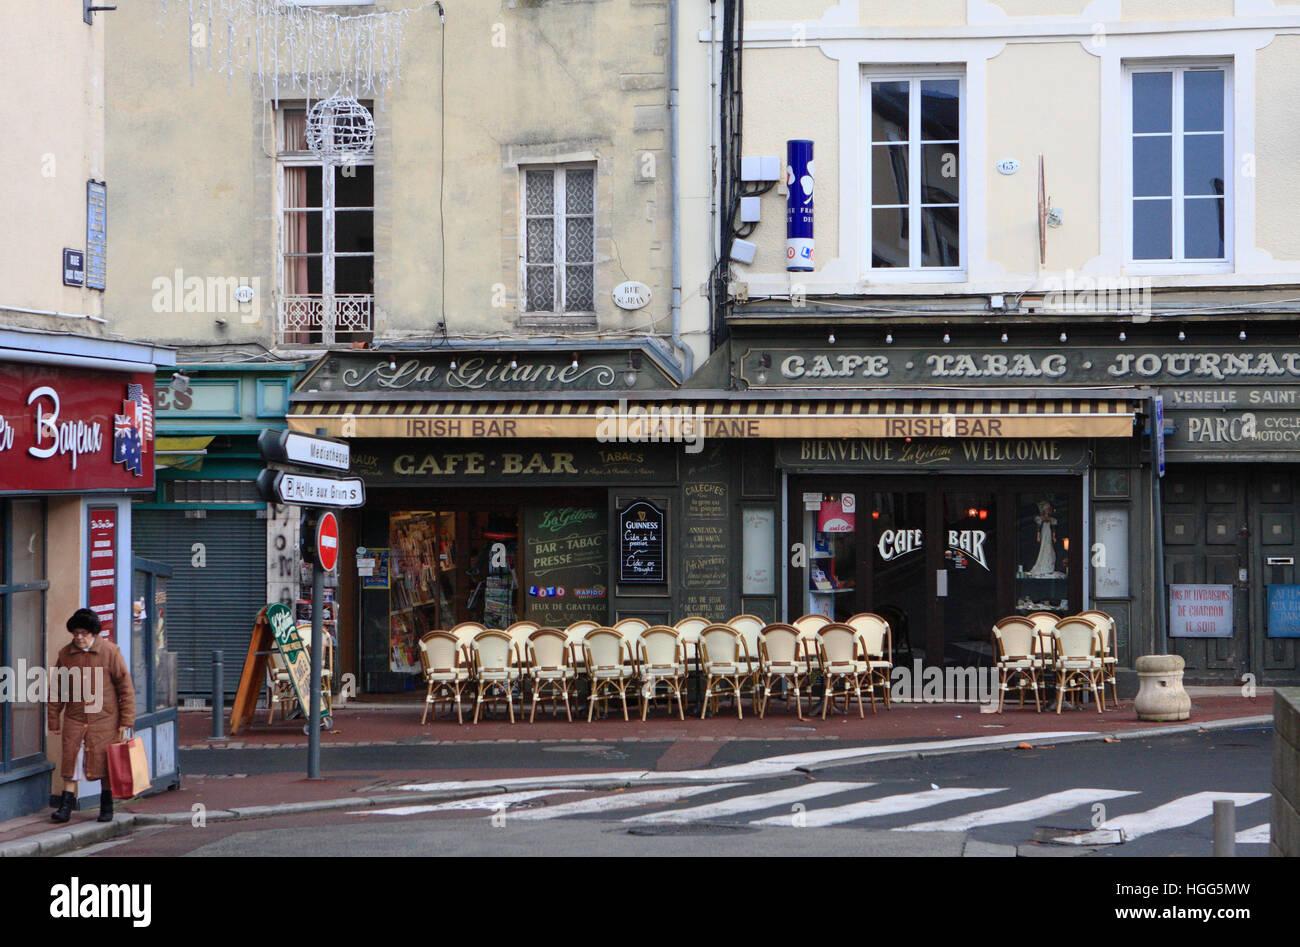 An Irish cafe bar in Bayeux, Normandy, France. Stock Photo